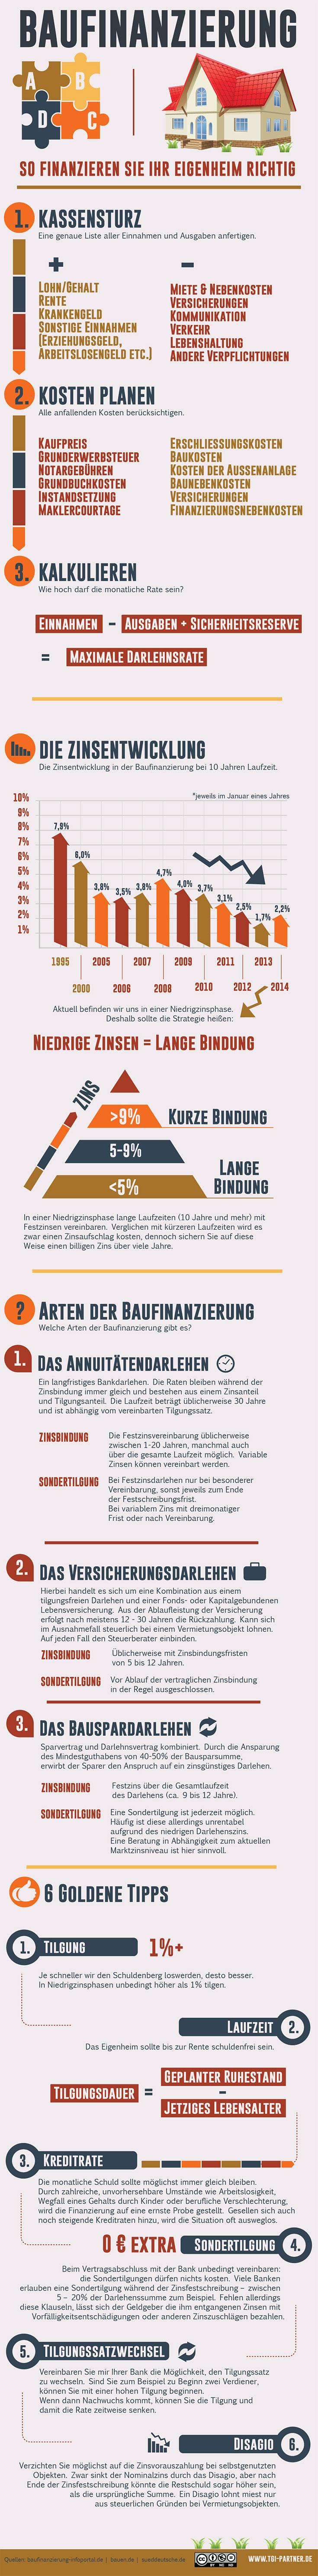 Infografik Baufinanzierung: So finanzieren Sie Ihr Eigenheim richtig